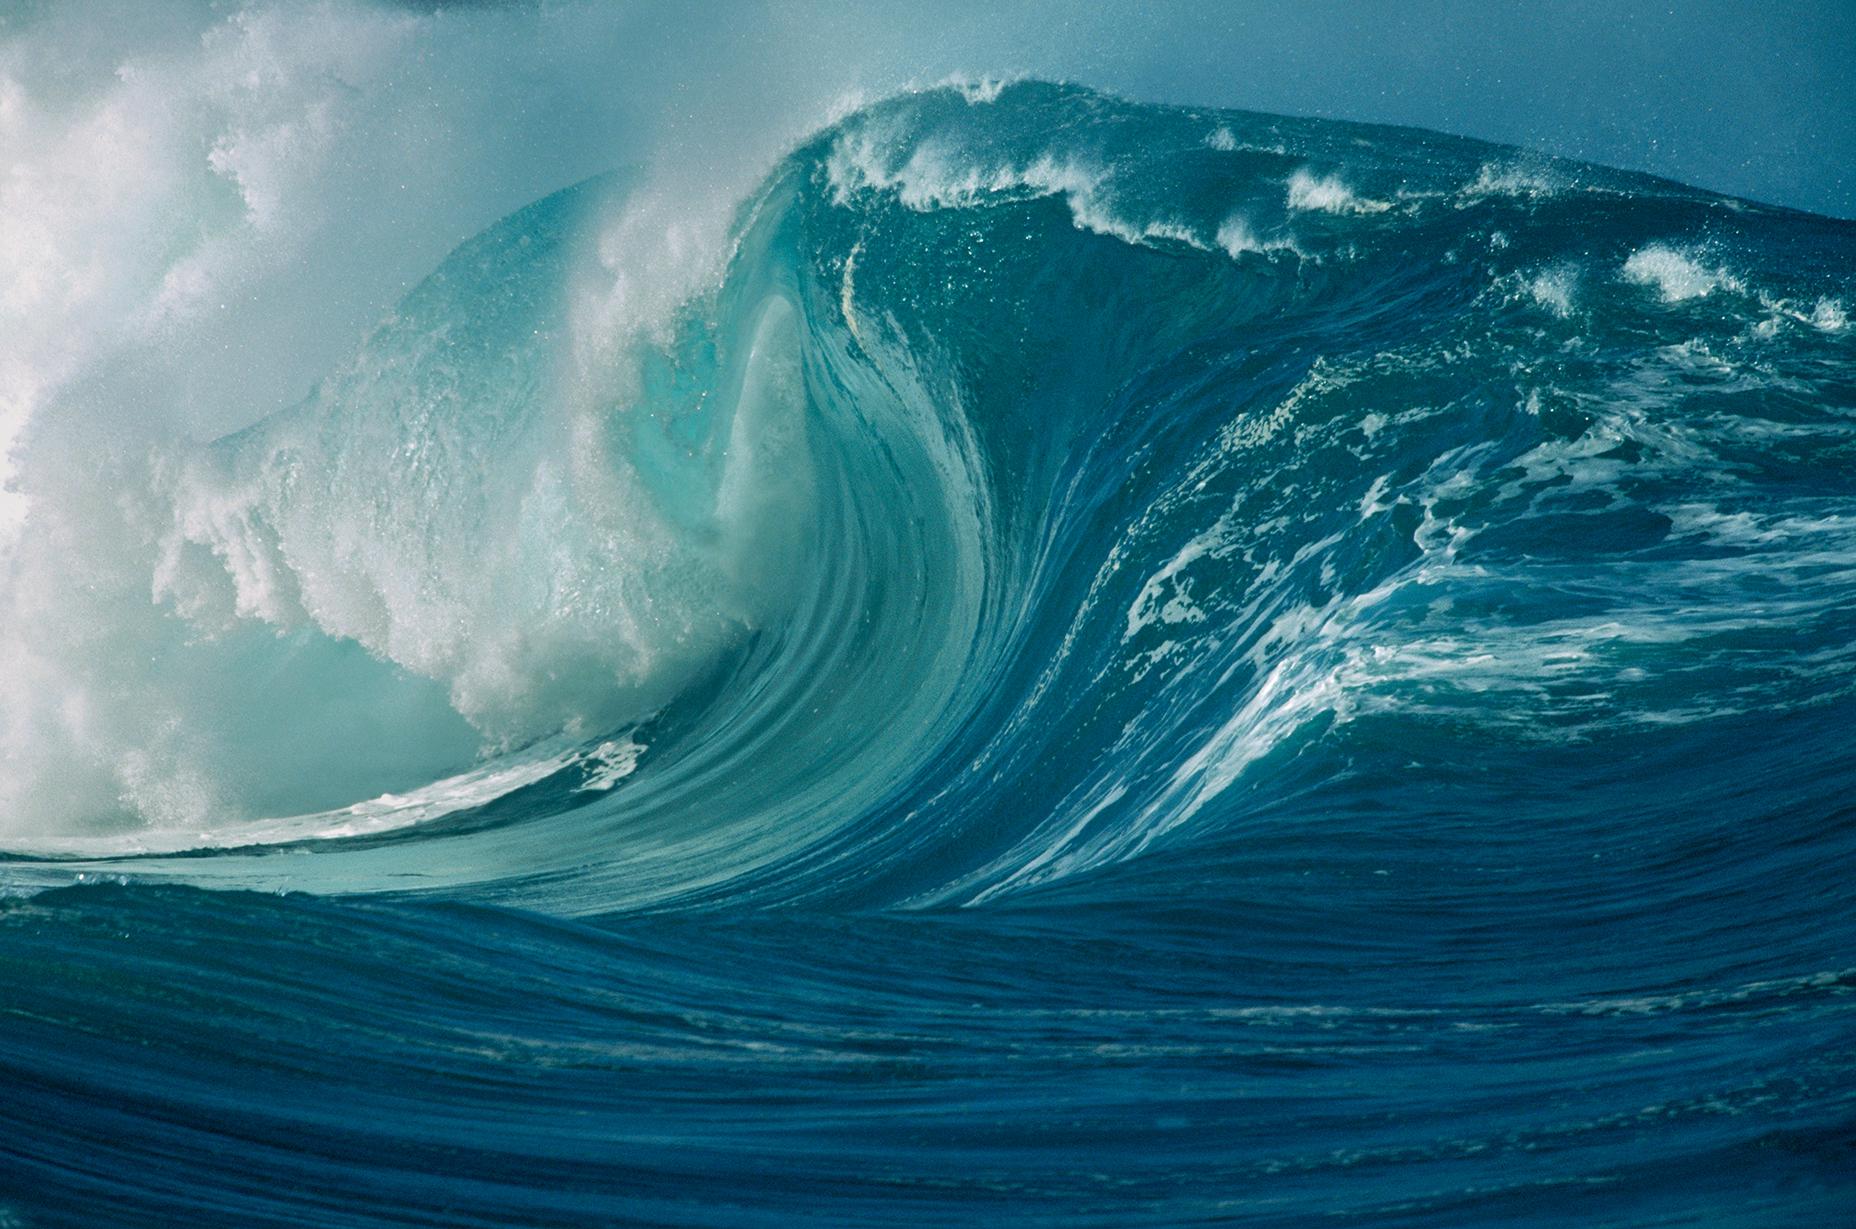 台灣海嘯的過去與未來 - 國家地理雜誌中文網